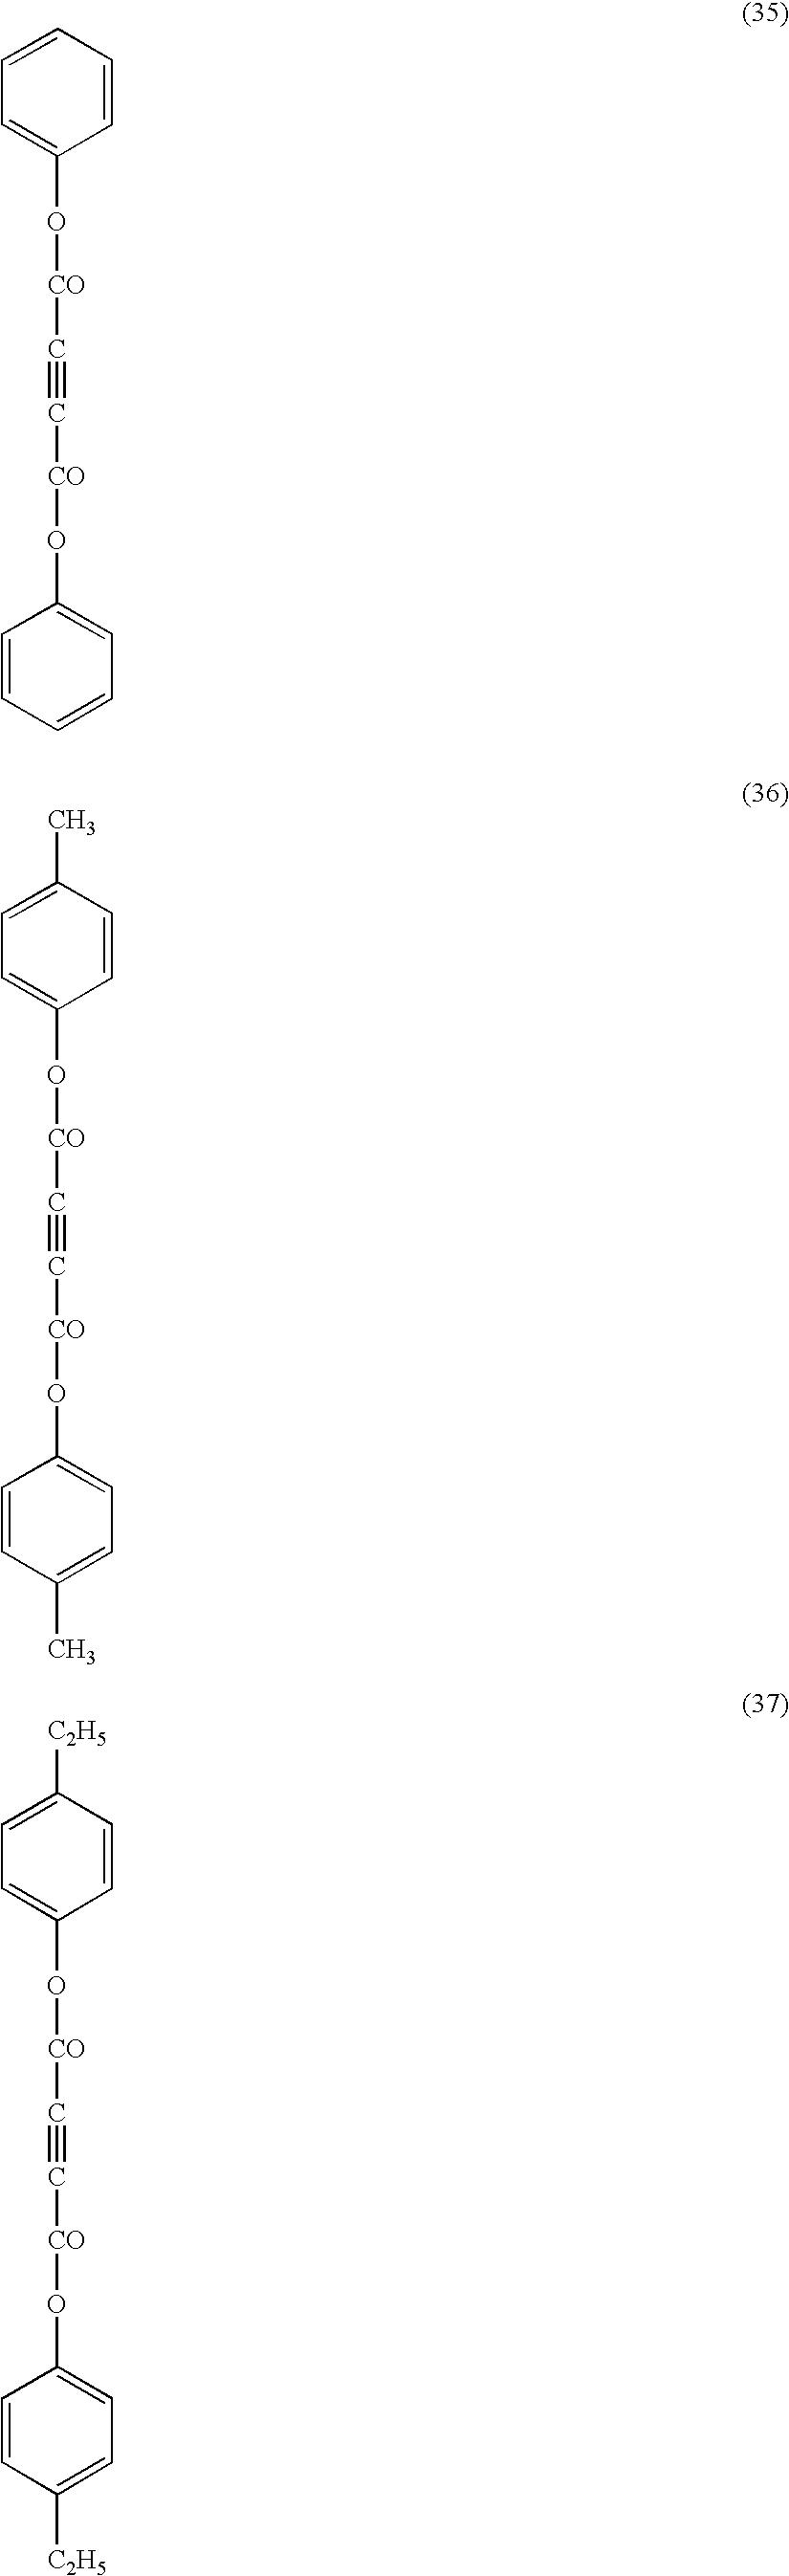 Figure US20090079910A1-20090326-C00017